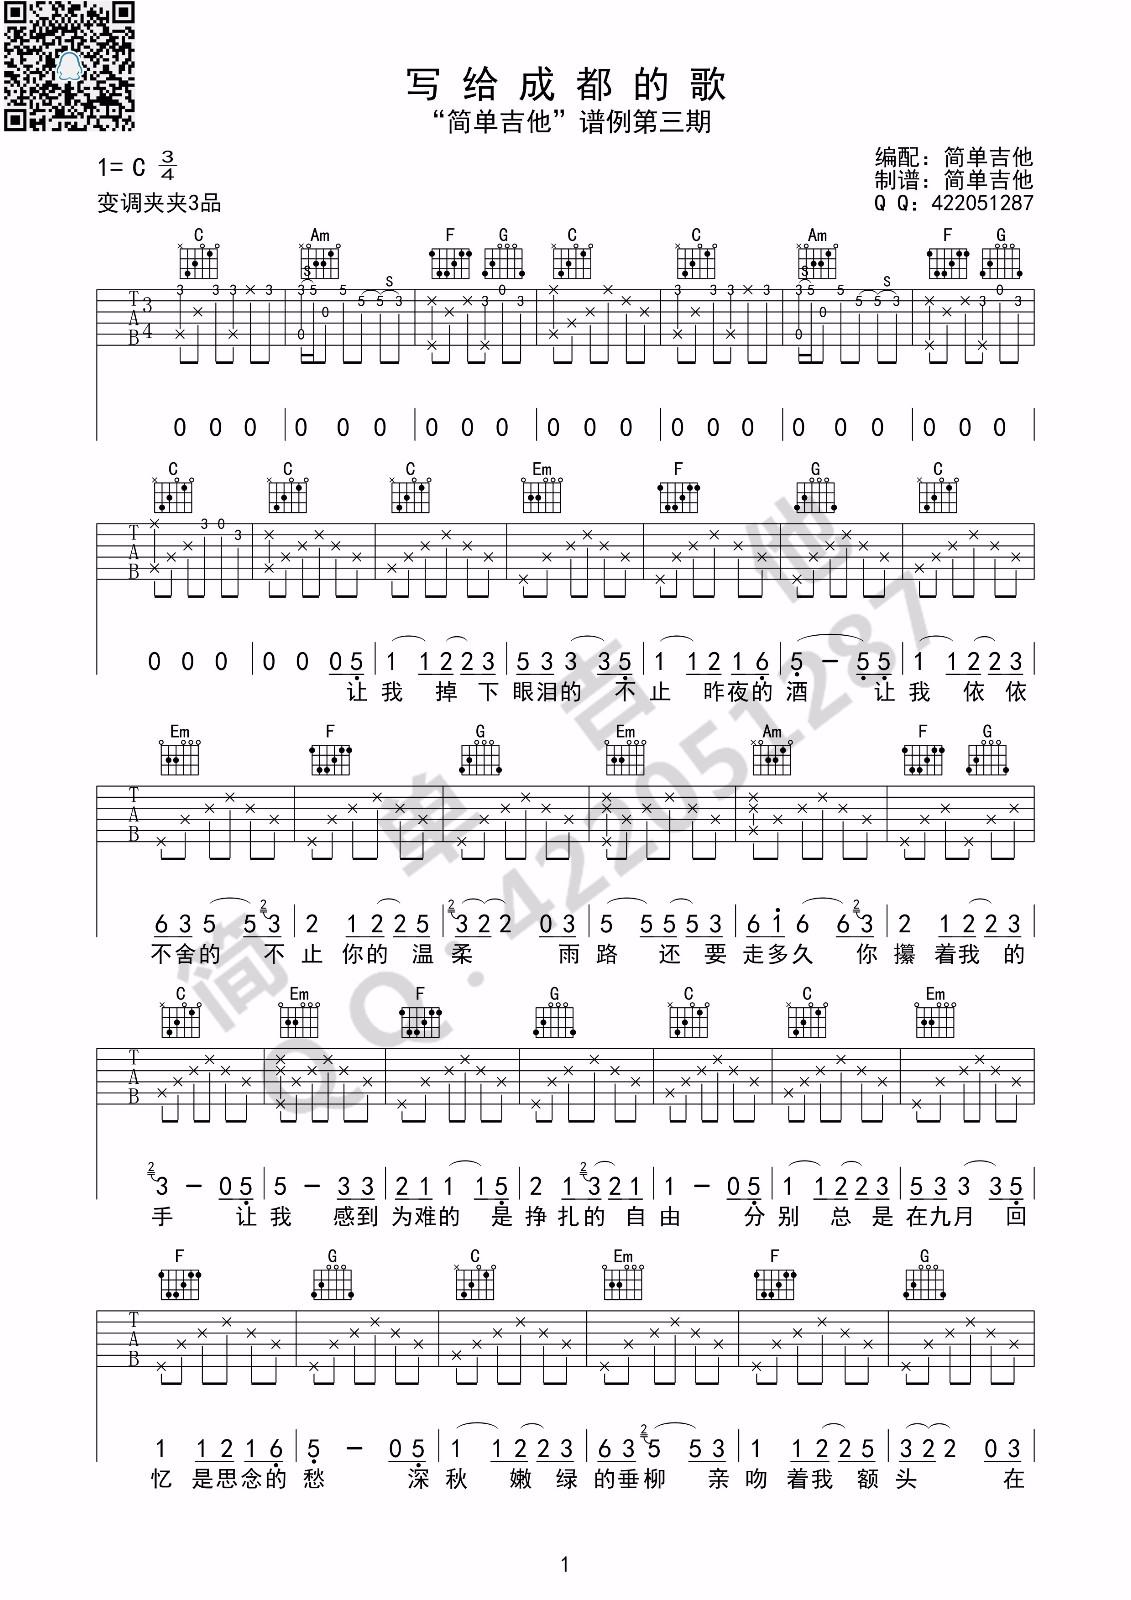 写给成都的歌 赵雷 - 吉他谱(简单吉他编配制谱)